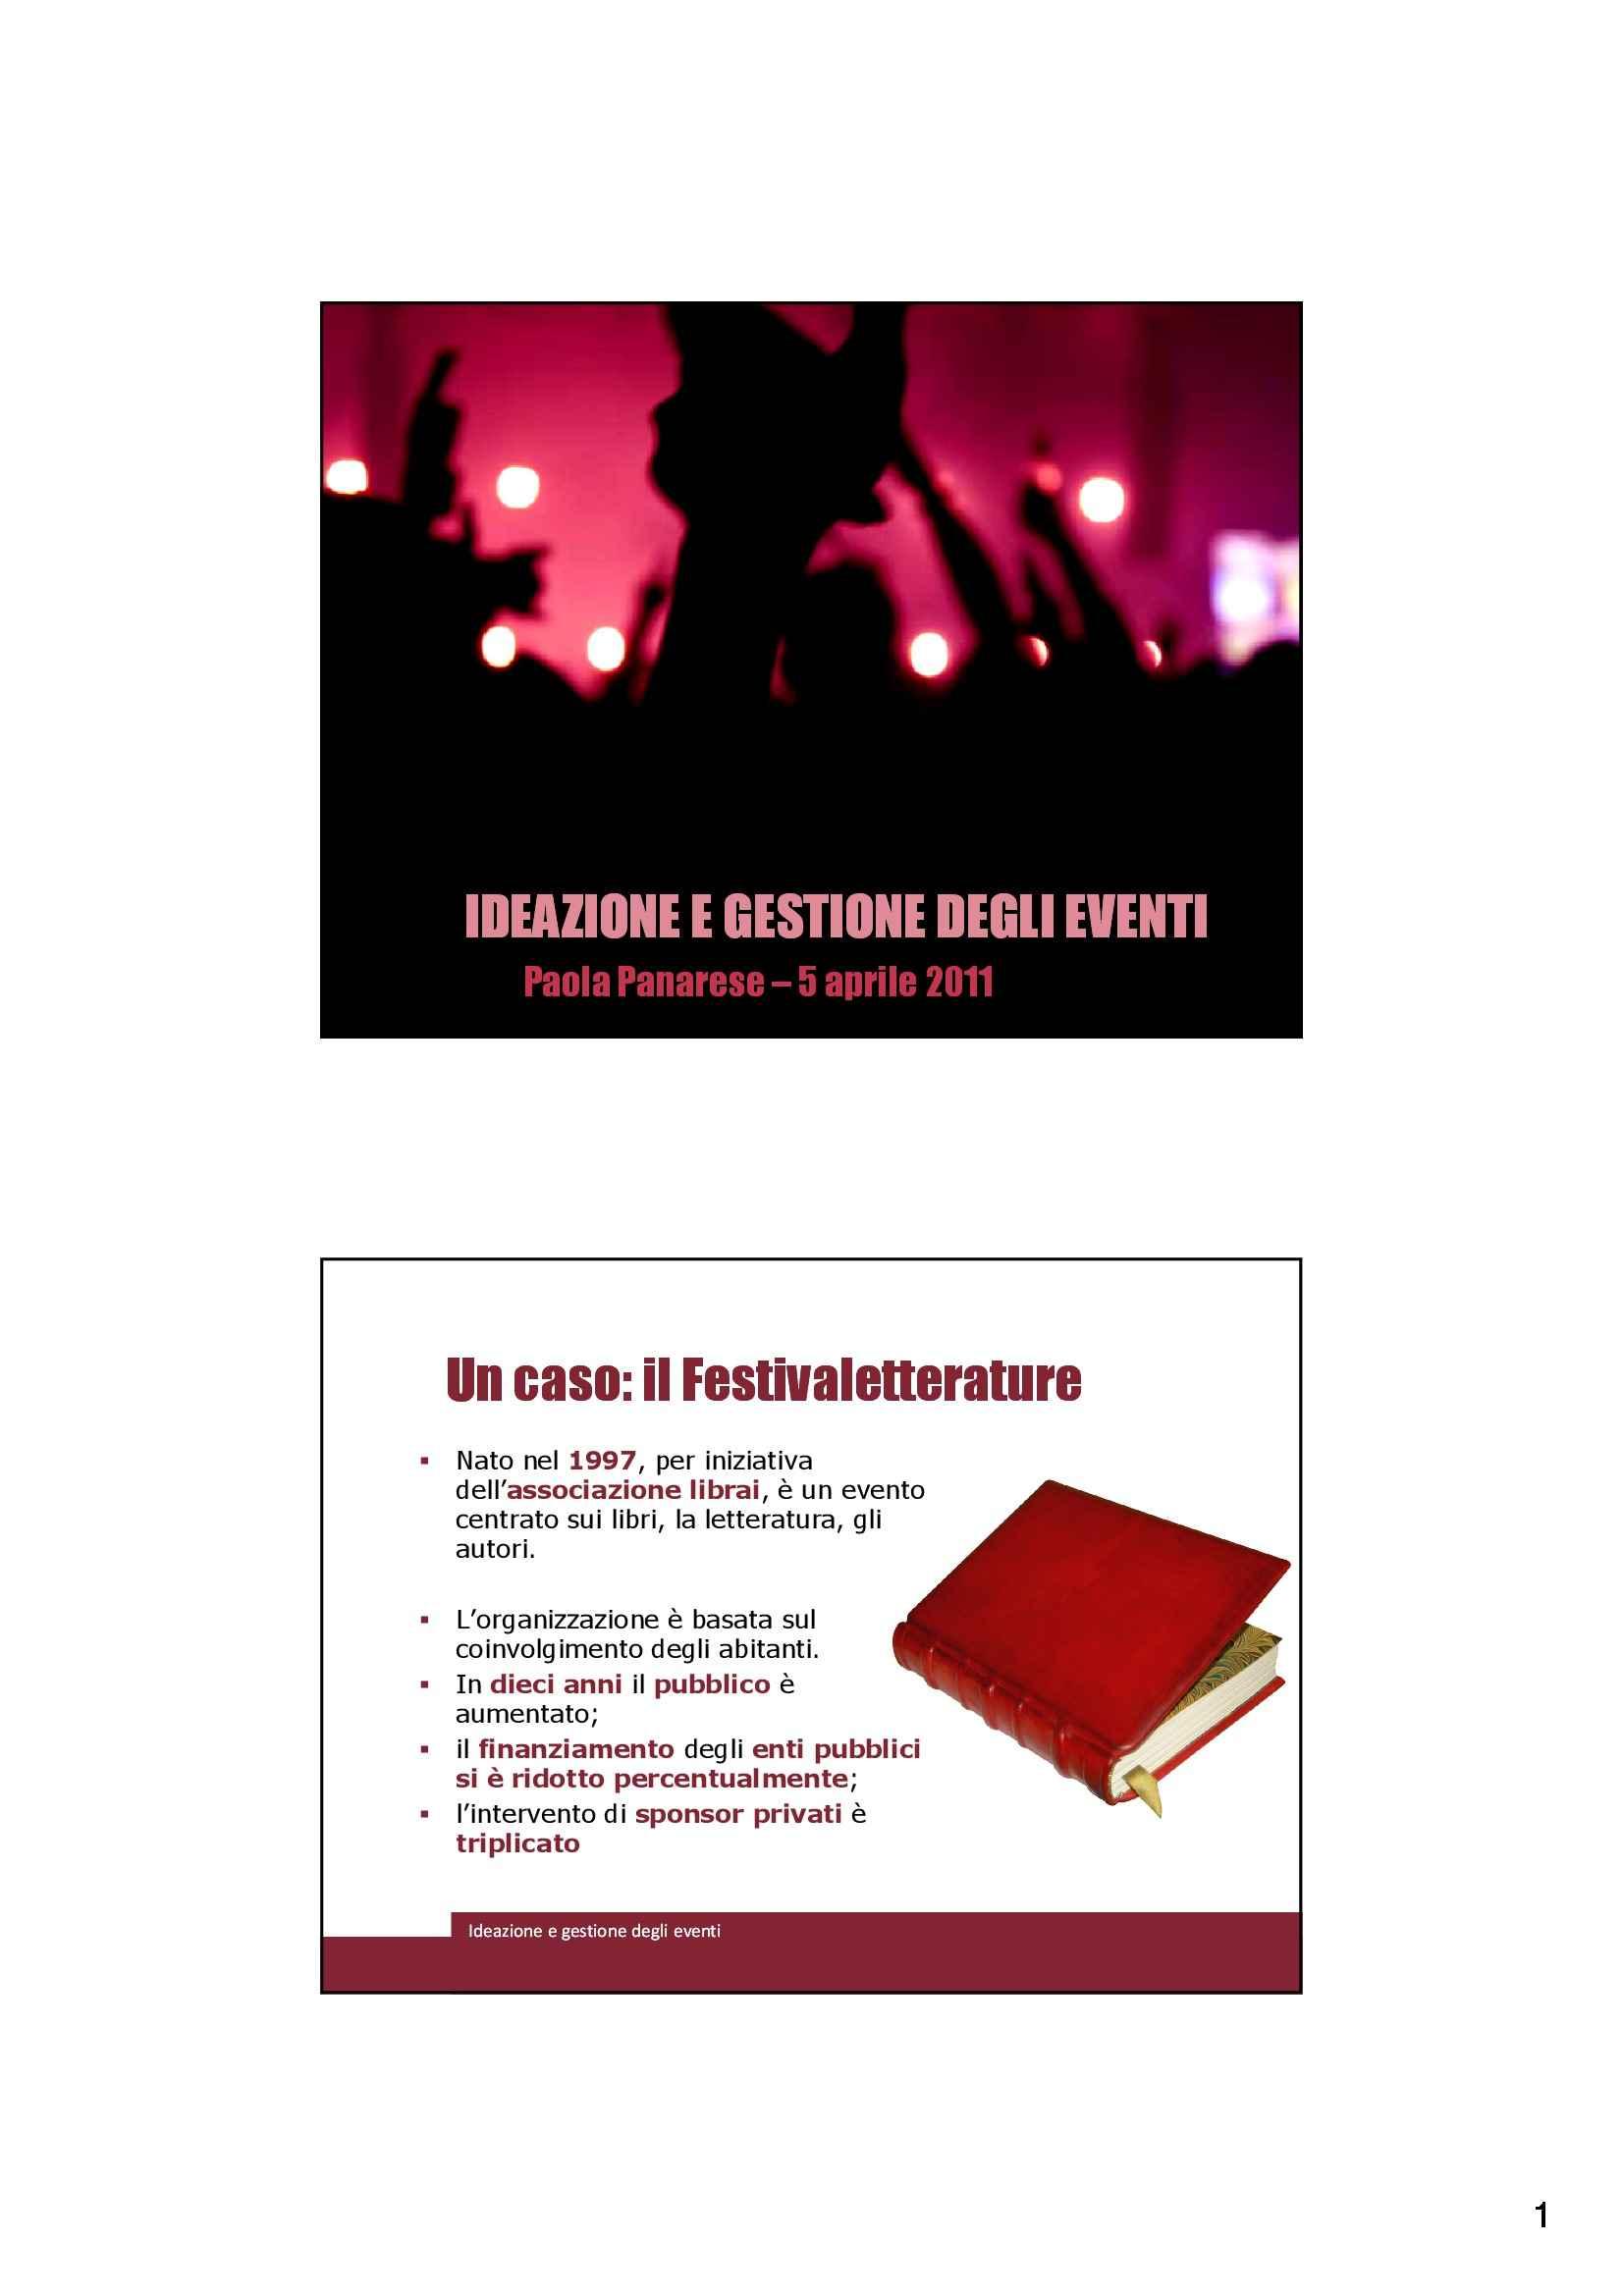 Comunicazione evento - Eventi e consumi culturali